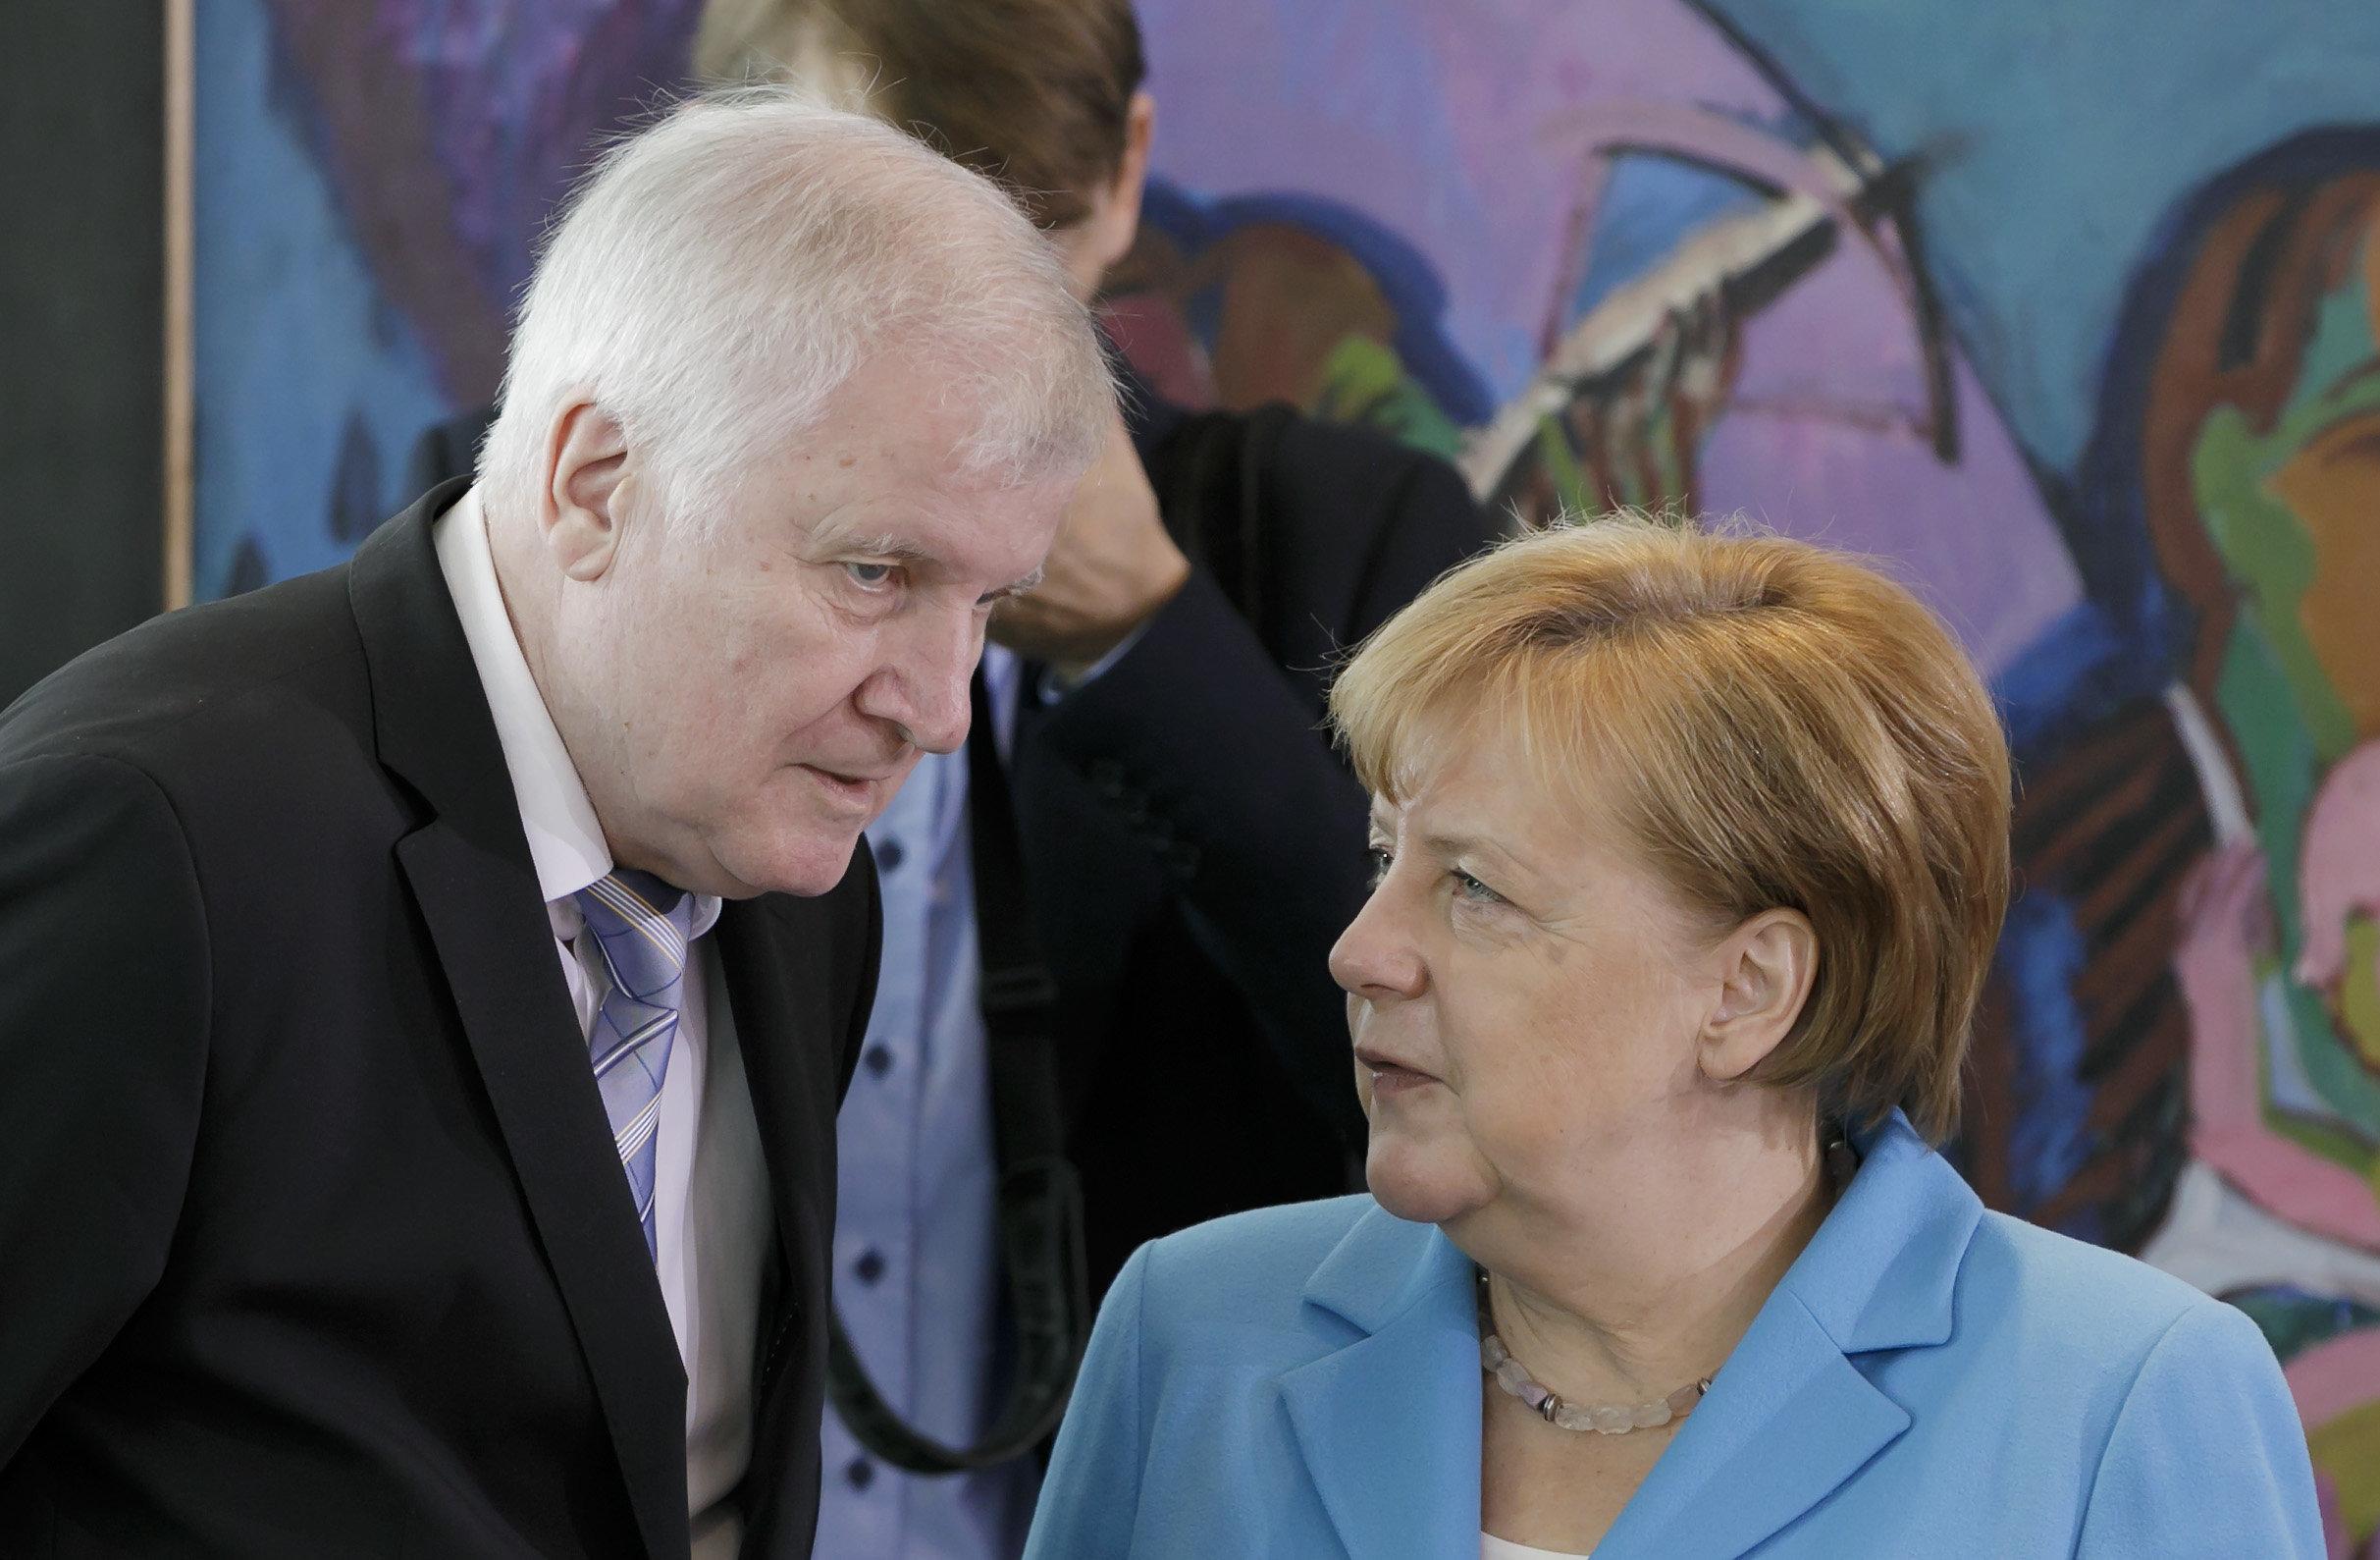 Bericht: CSU will im Asyl-Streit offnen Bruch mit der Kanzlerin riskieren